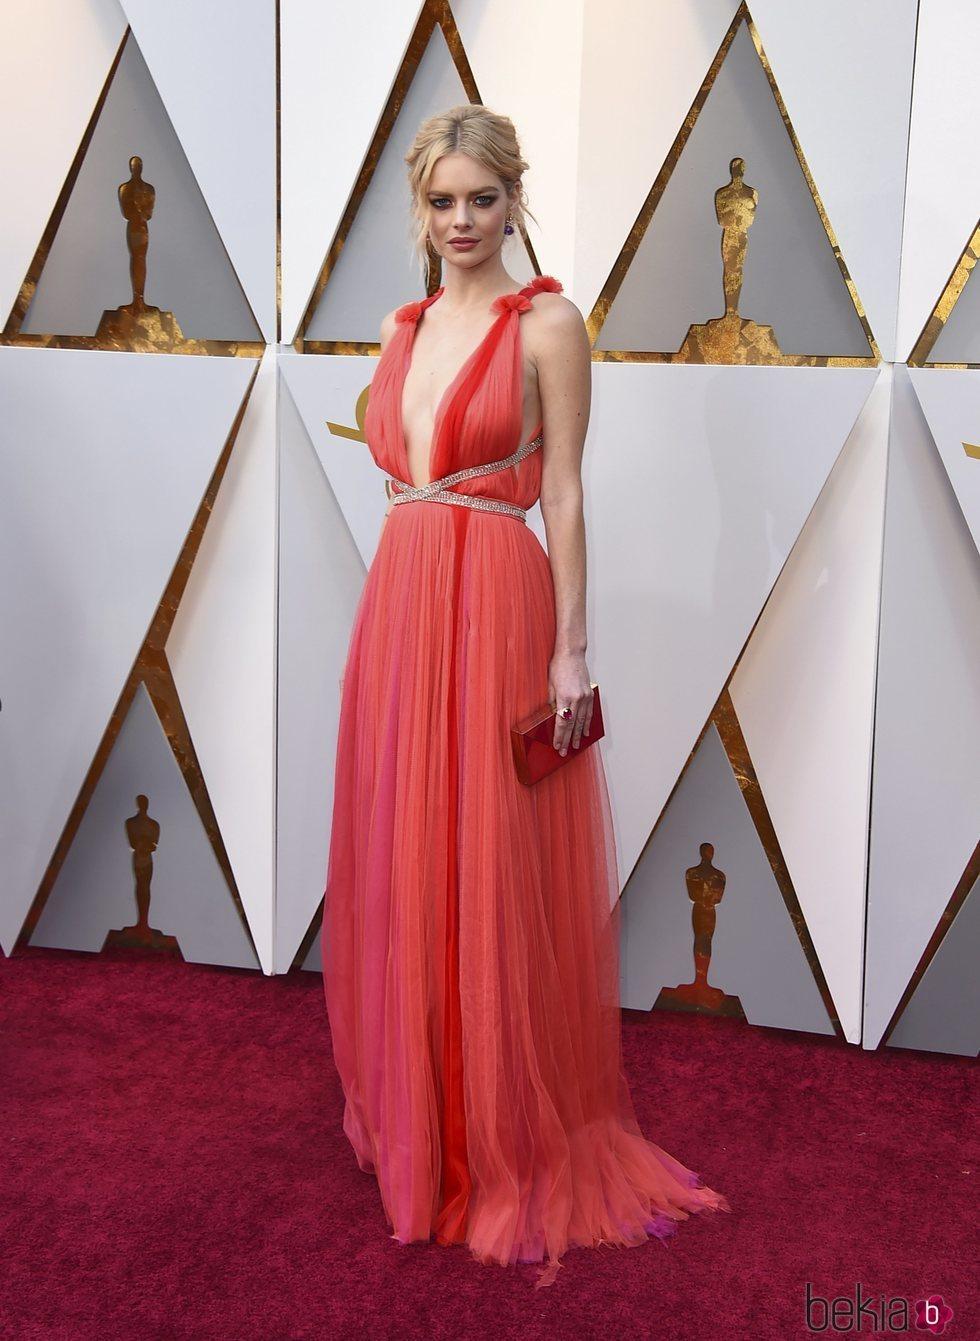 Samara Weaving en la alfombra roja de los Premios Oscar 2018